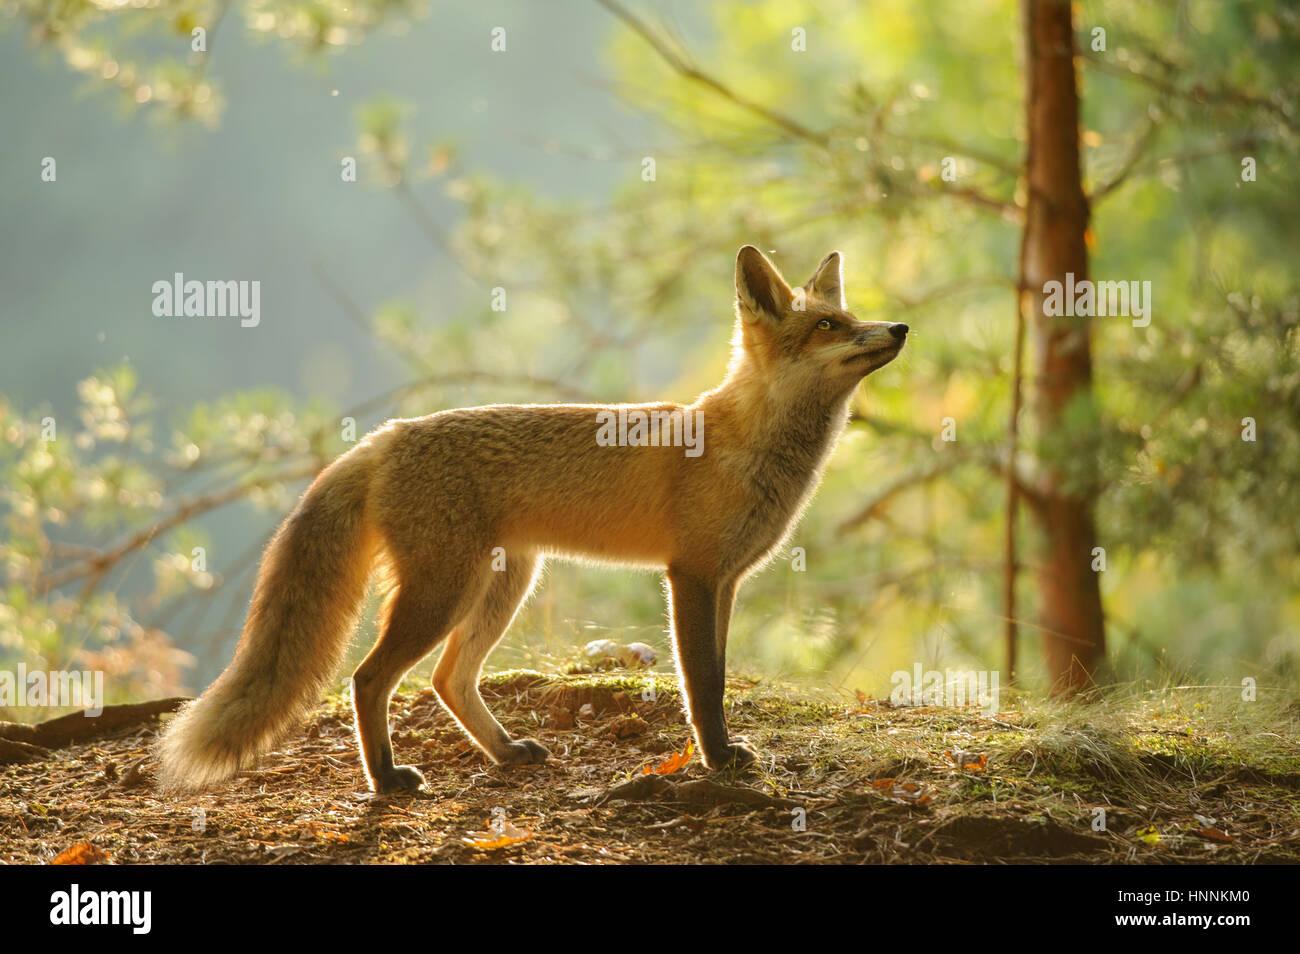 Rotfuchs aus Seitenansicht in Schönheit Hintergrundbeleuchtung im herbstlichen Wald mit Baum im Hintergrund Stockbild